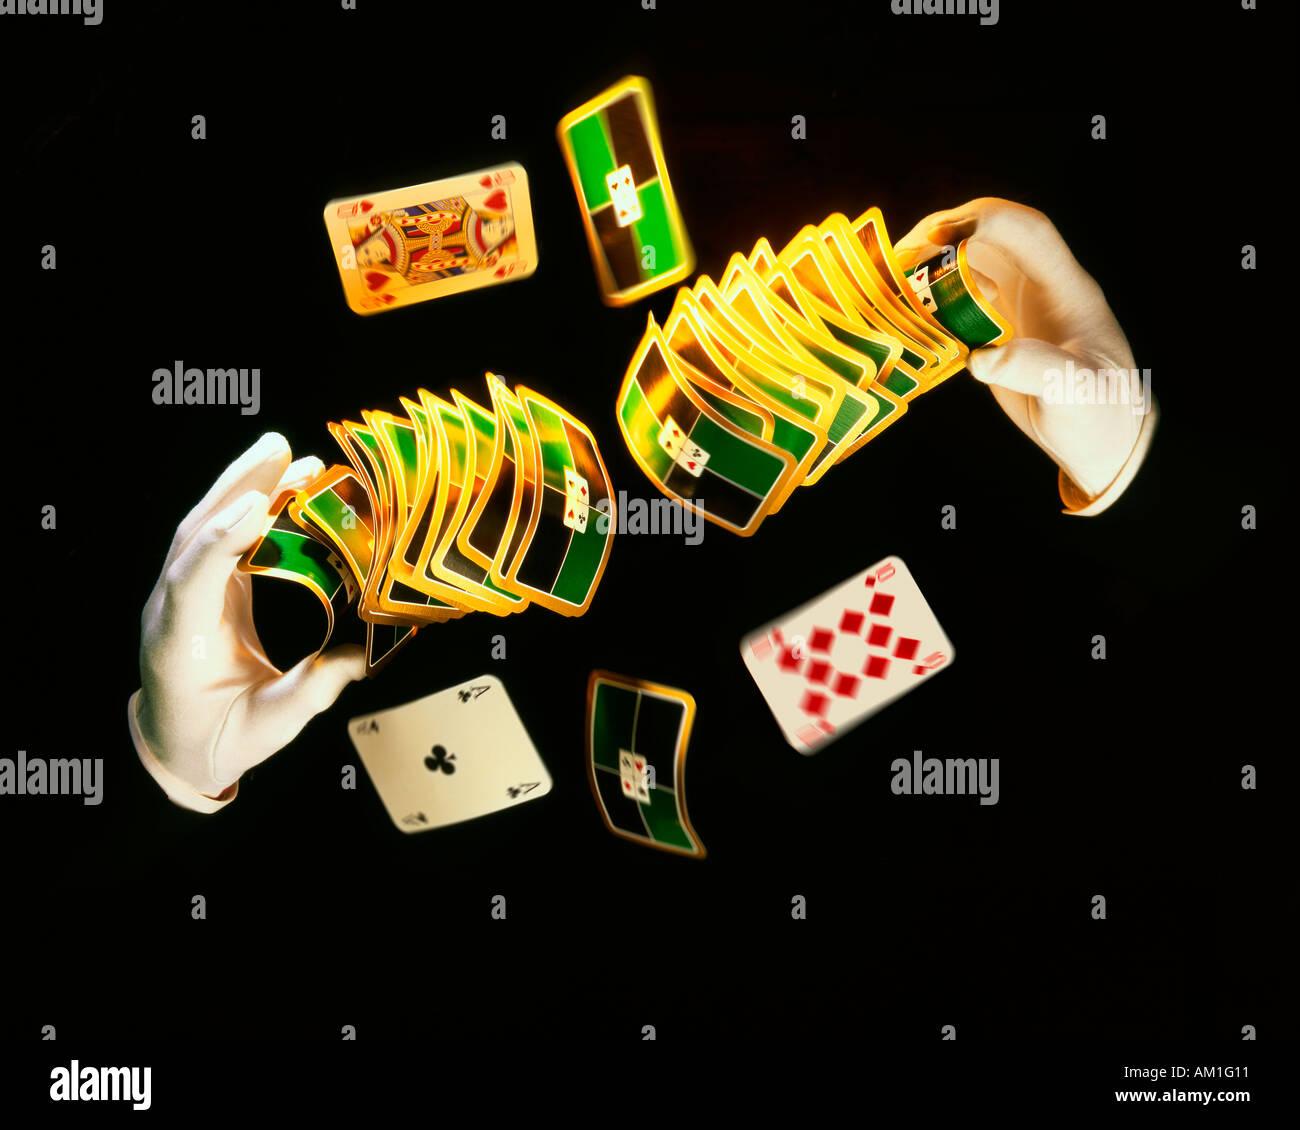 Magician doing card tricks - Stock Image